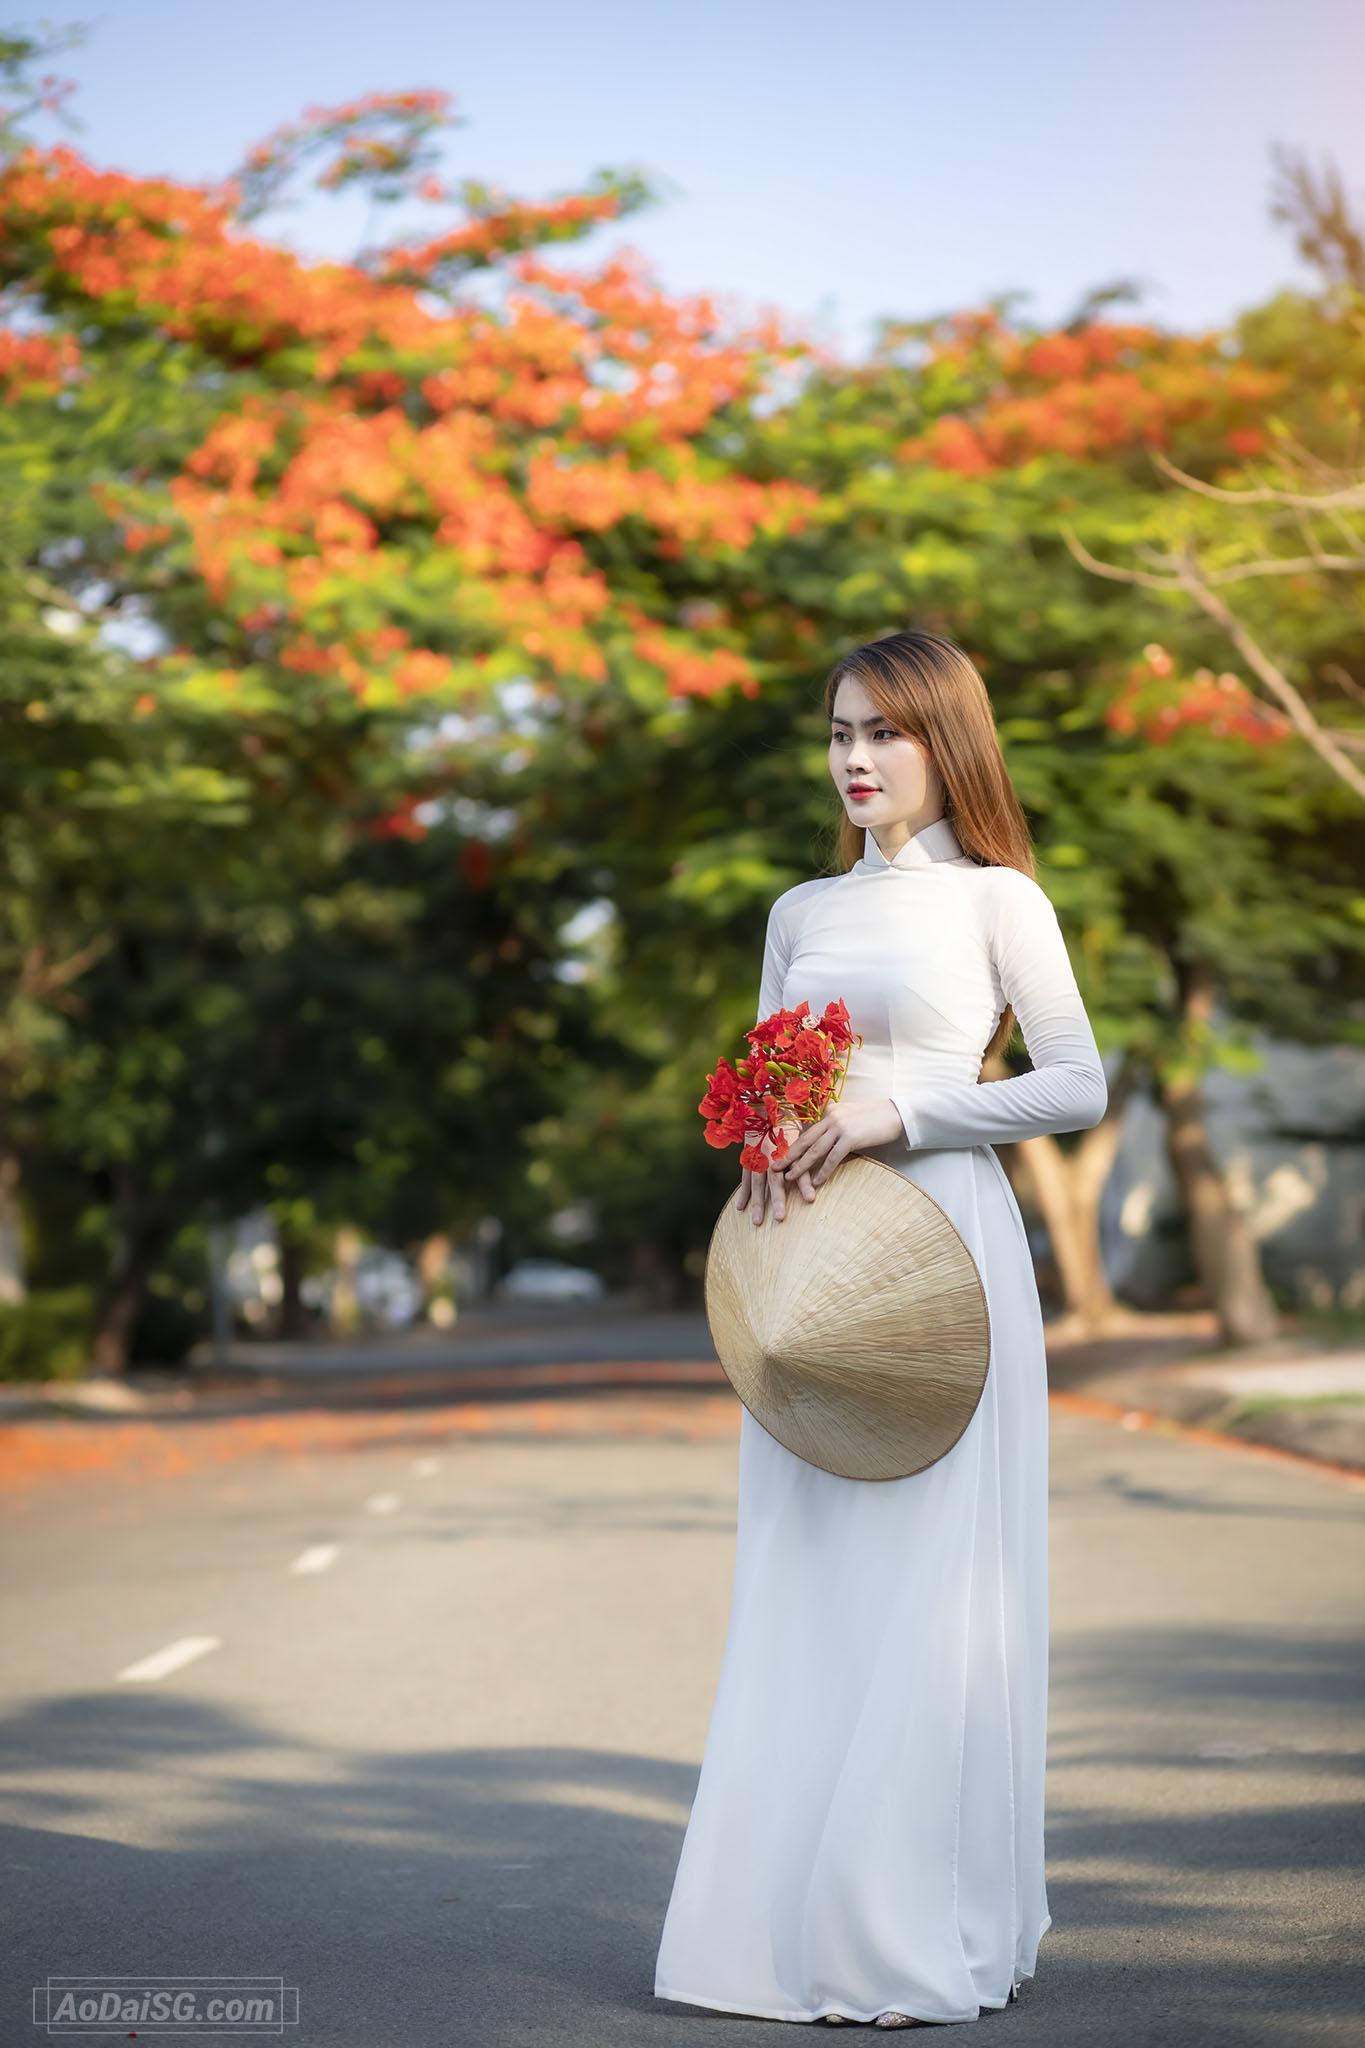 Tạo dáng với áo dài trắng